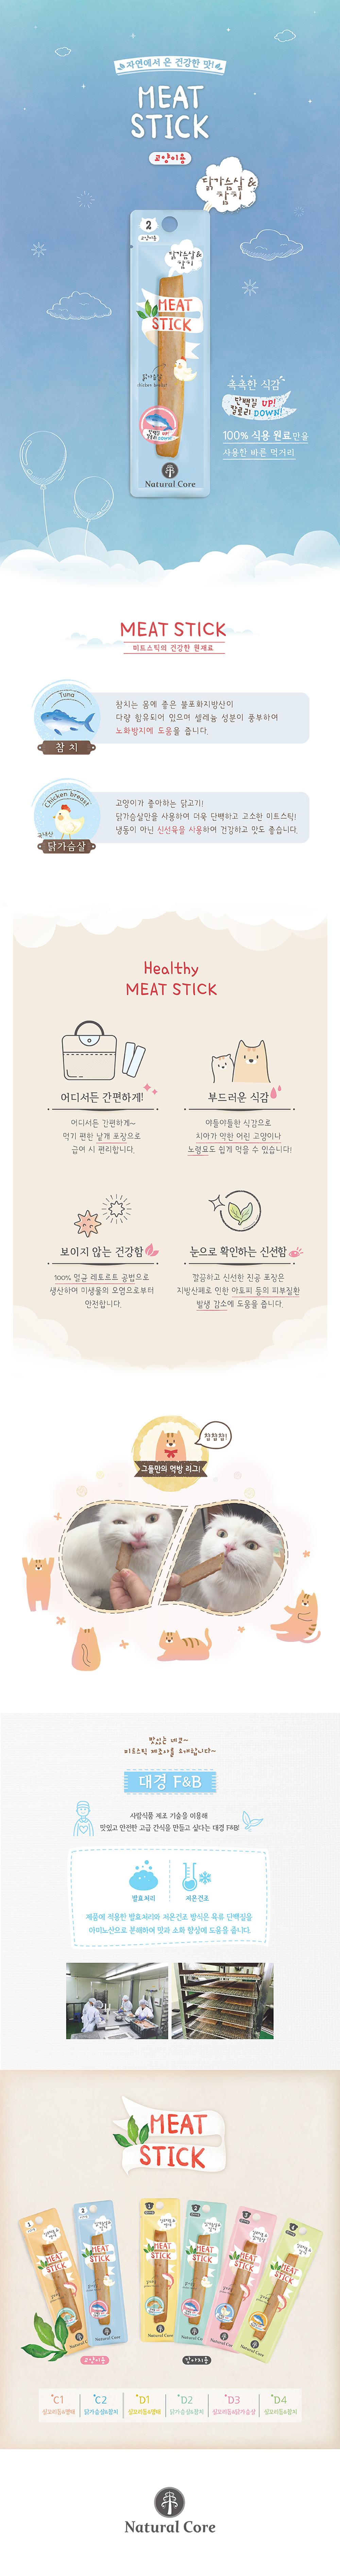 네츄럴코어 미트스틱 닭가슴살&참치 7g